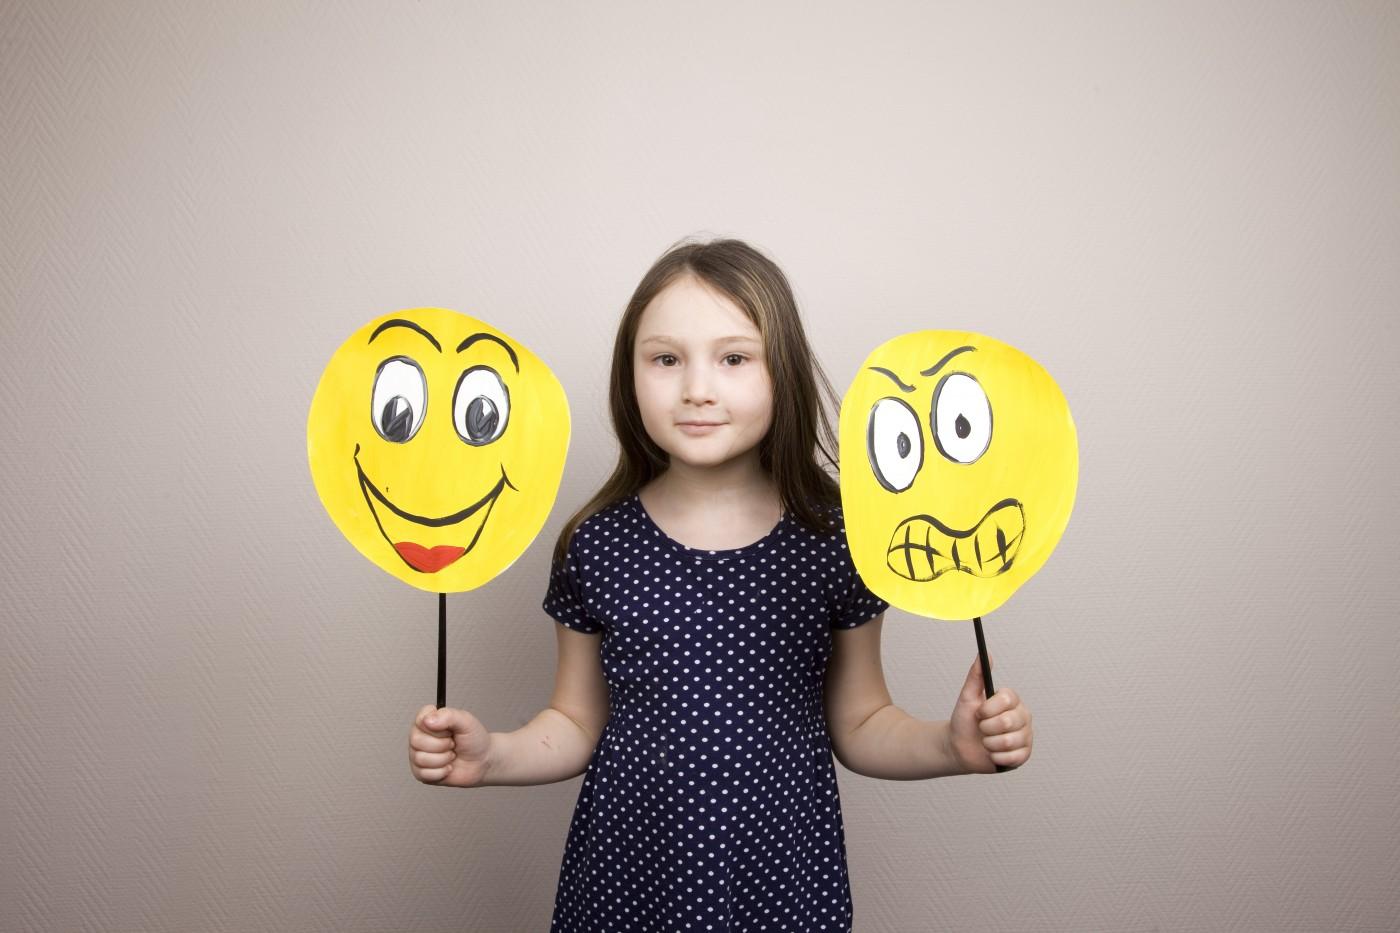 給易怒大人的建議,情緒專家:5步驟撫慰你心裡的自卑小孩